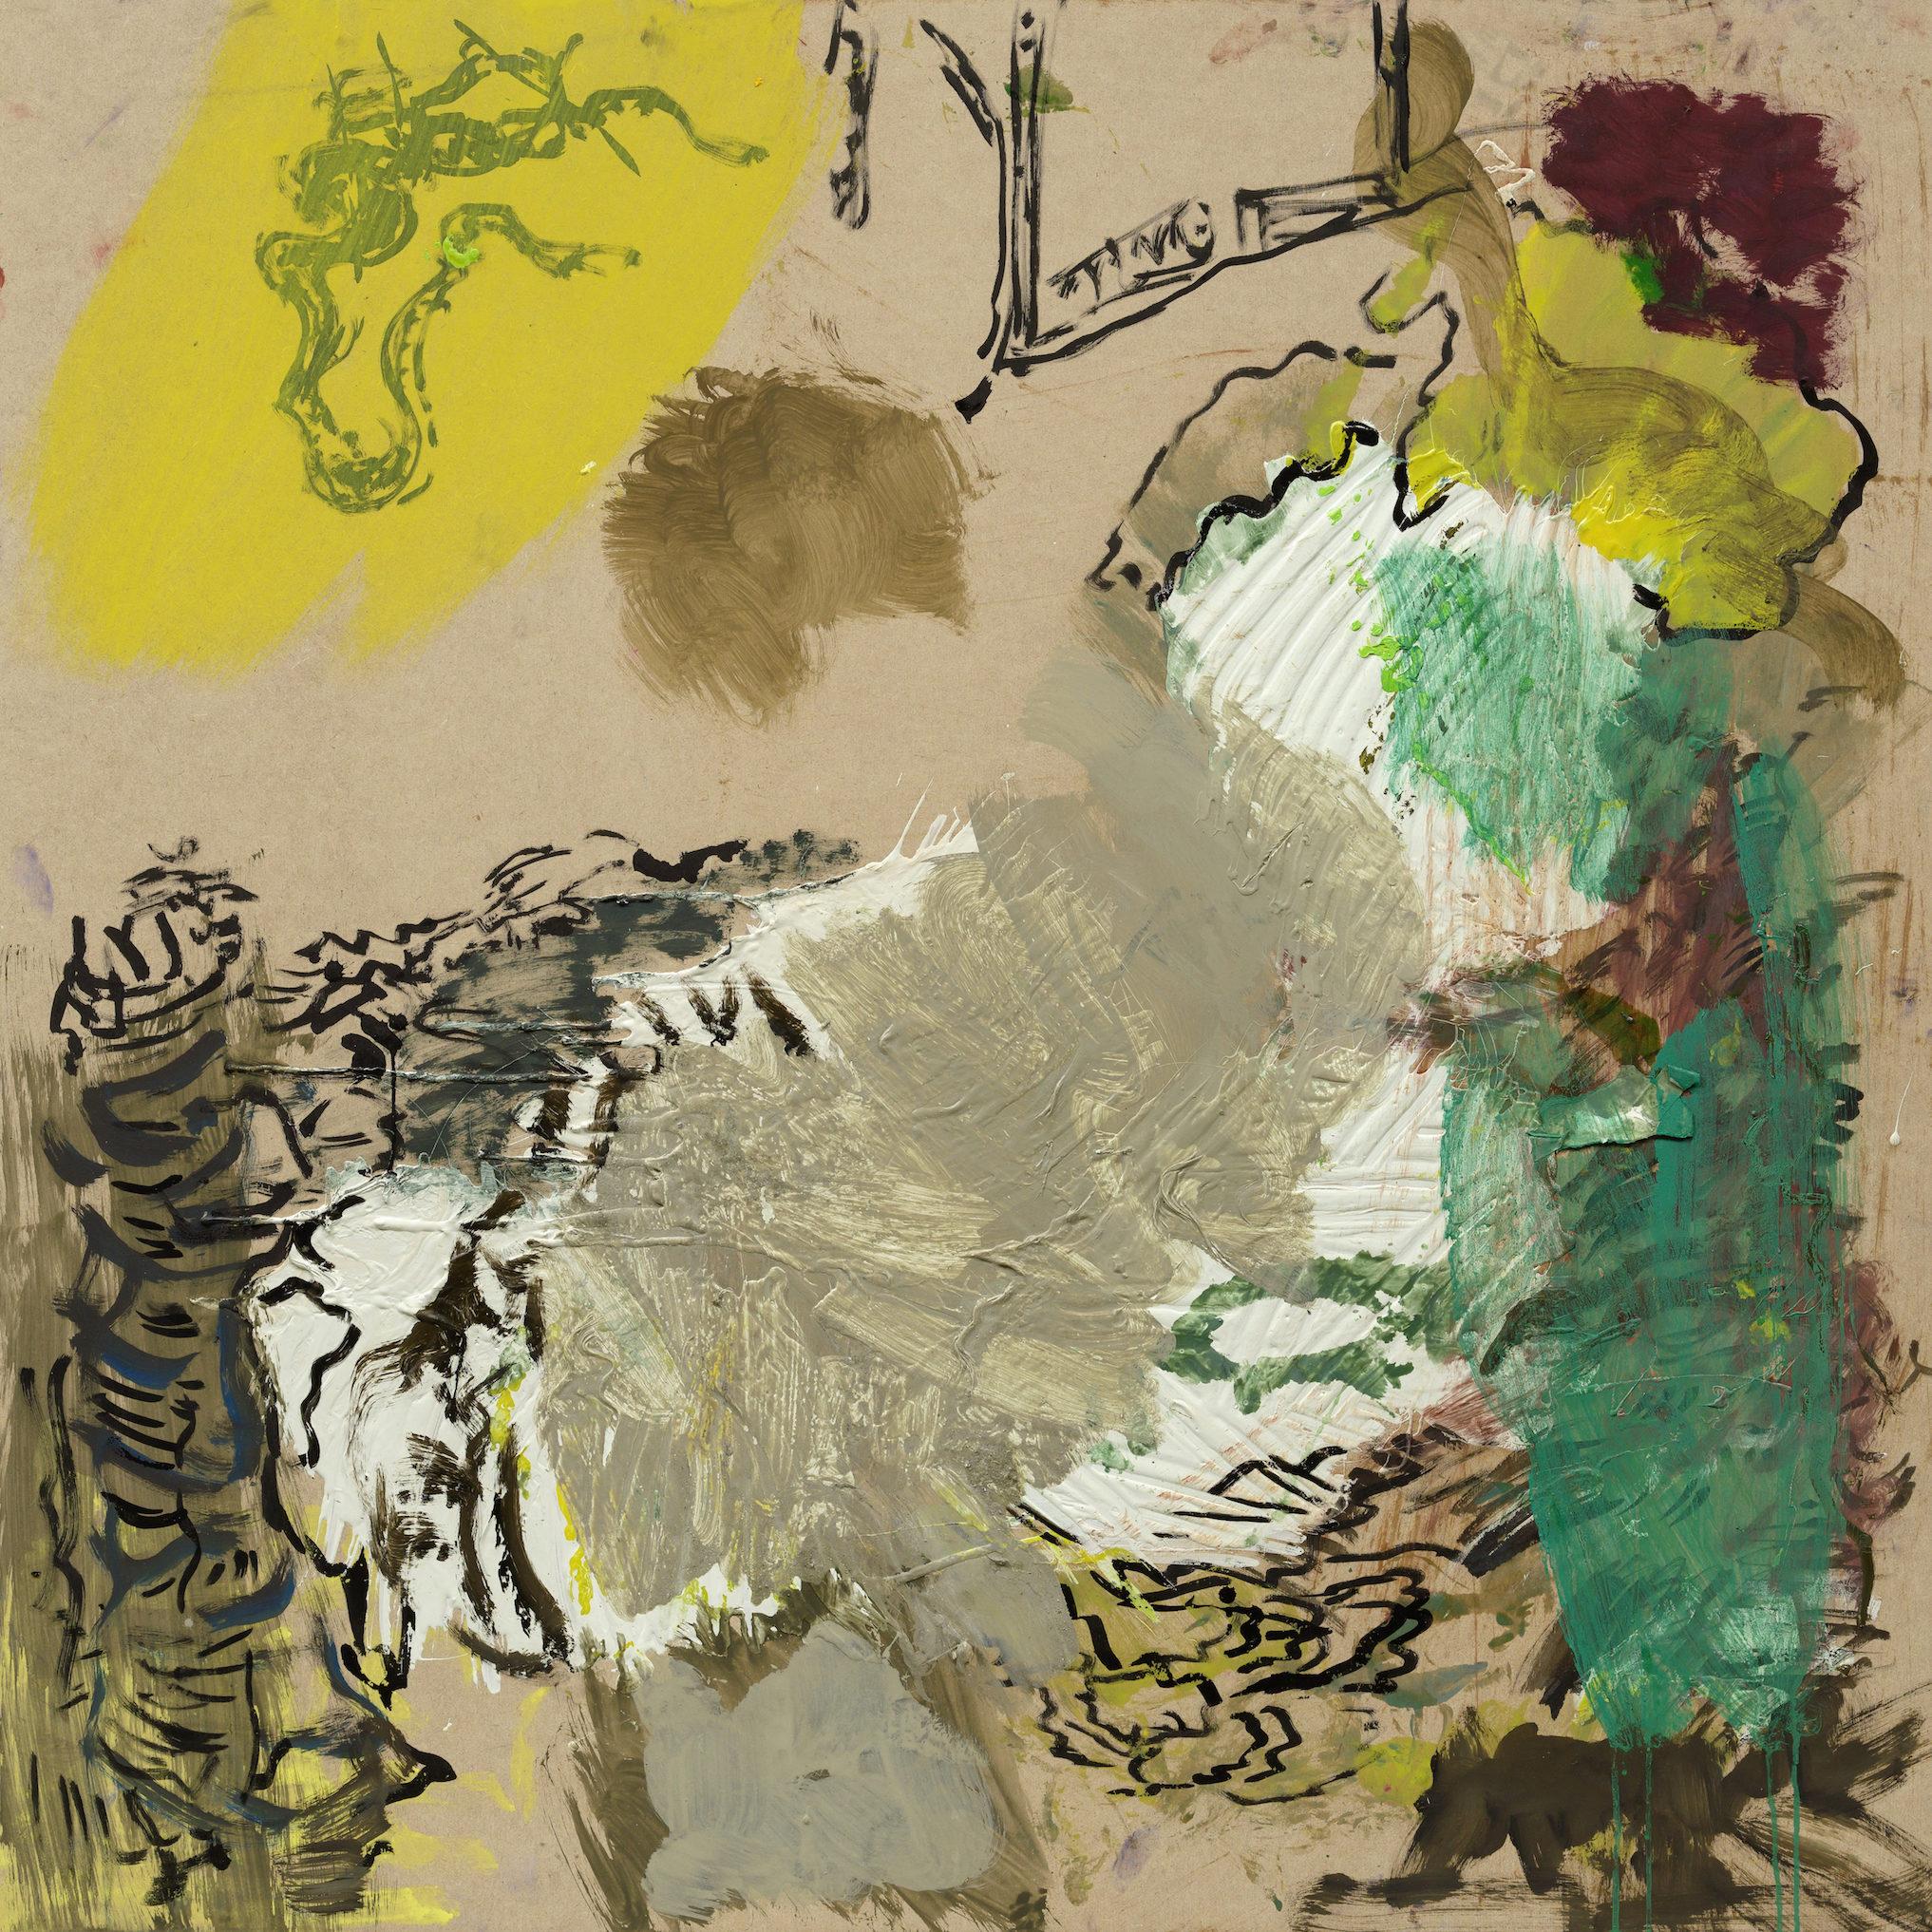 Reinhard Pods, Ohne Titel, 1983, Oil, spray on canvas, 140 x 110 cm